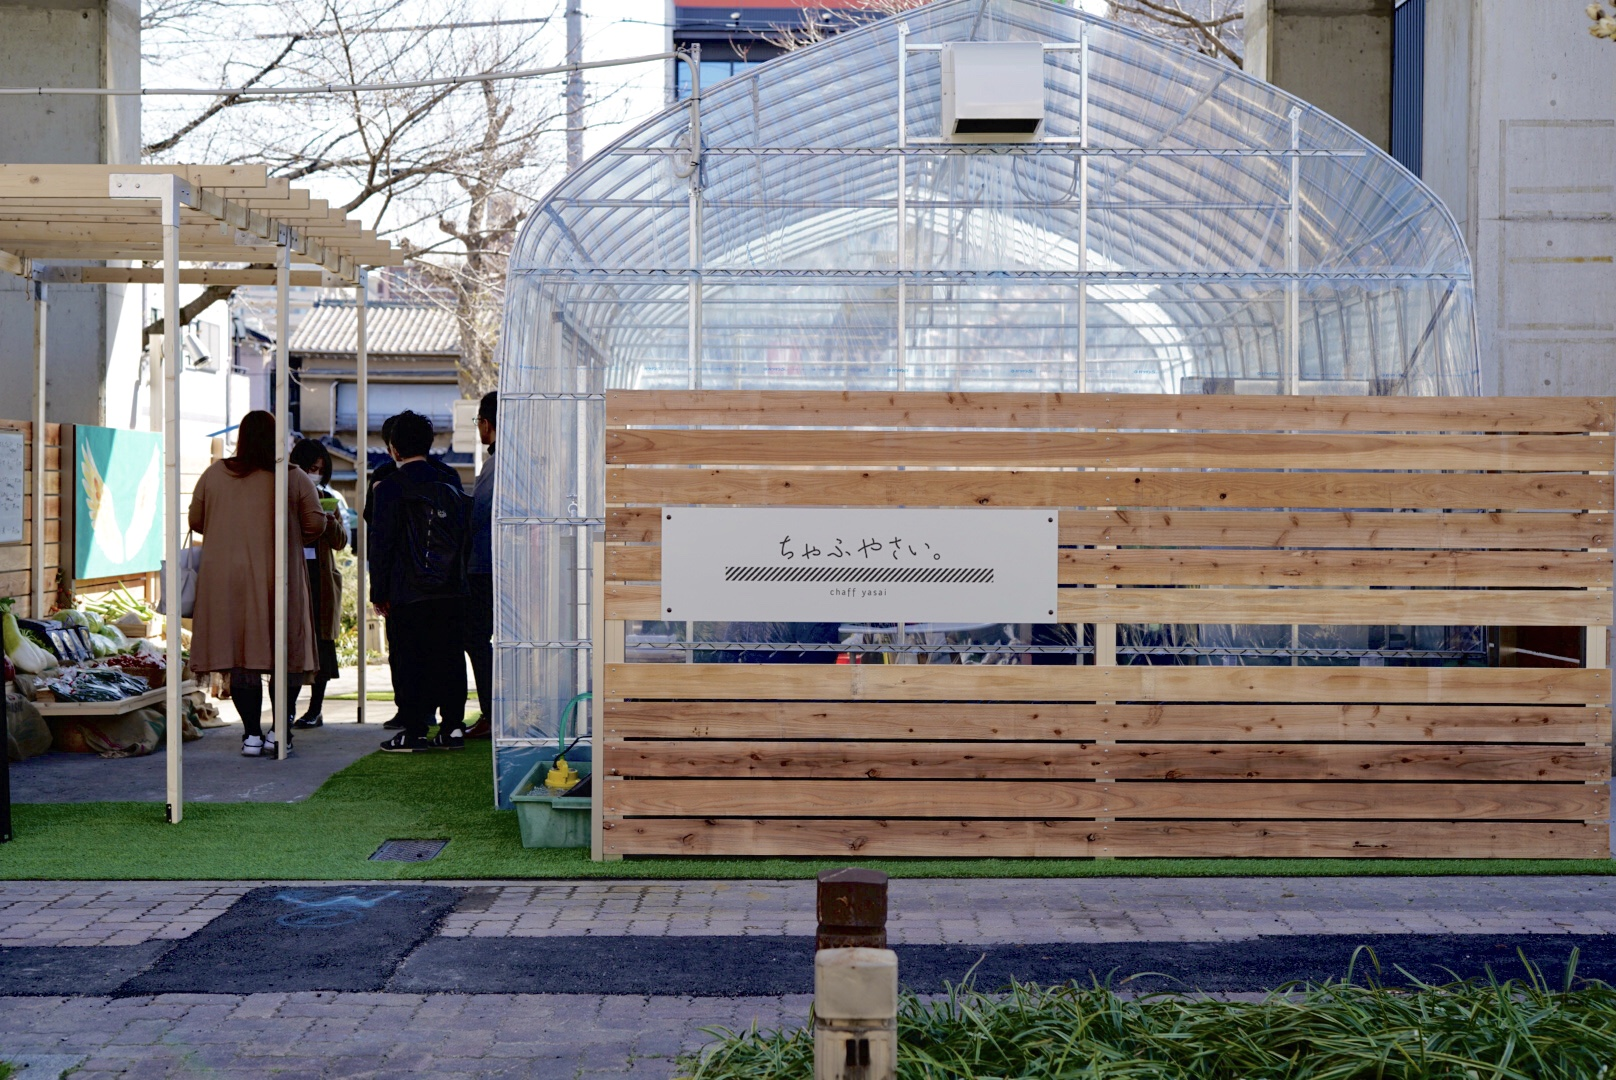 名鉄瀬戸線・高架下の新スポット「SAKUMACHI商店街」に12店舗がオープン! - E143D44B DB4B 460B B034 E46651C88CE6